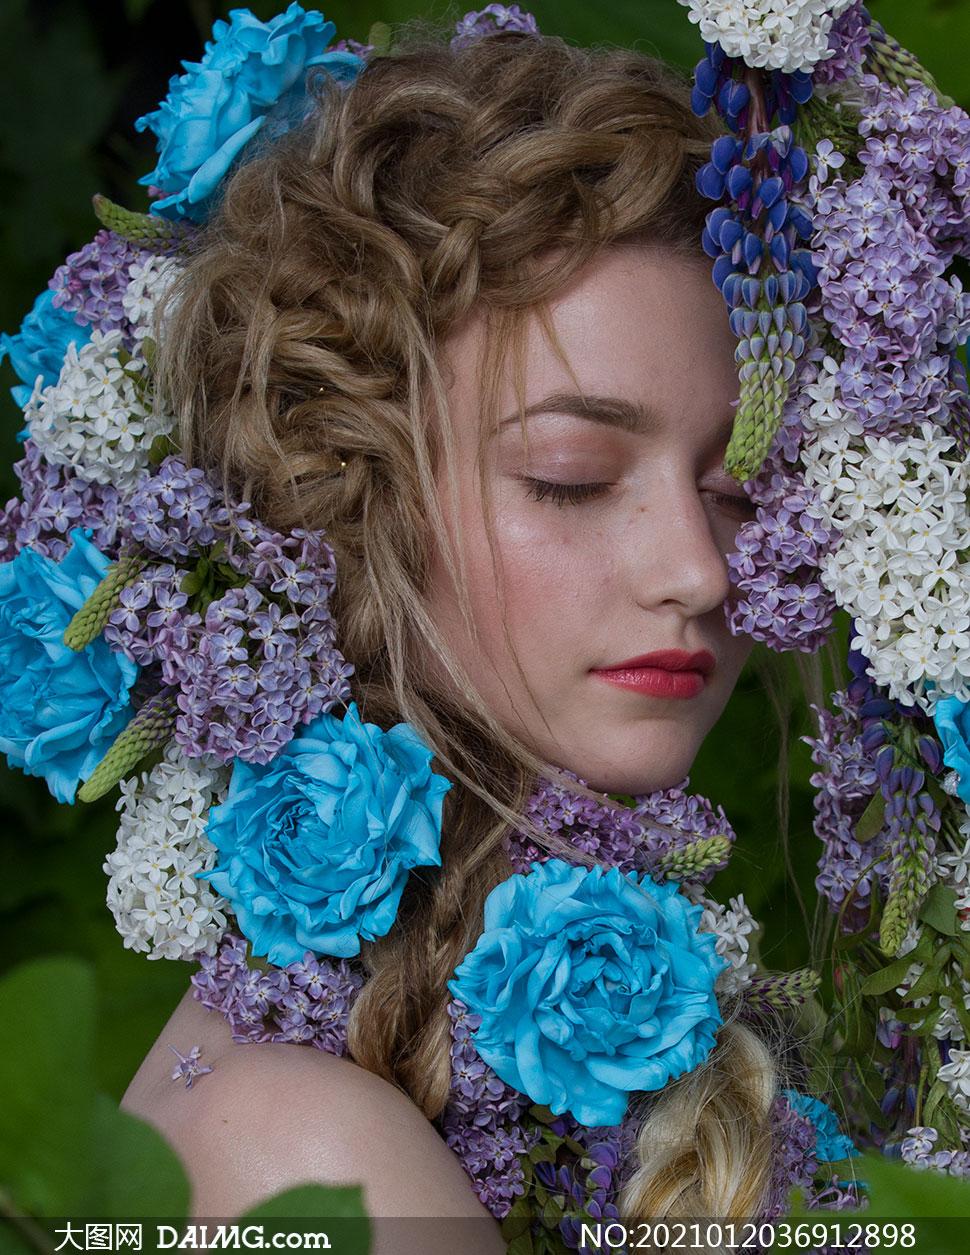 在闻着花香的红唇美女写真摄影原片